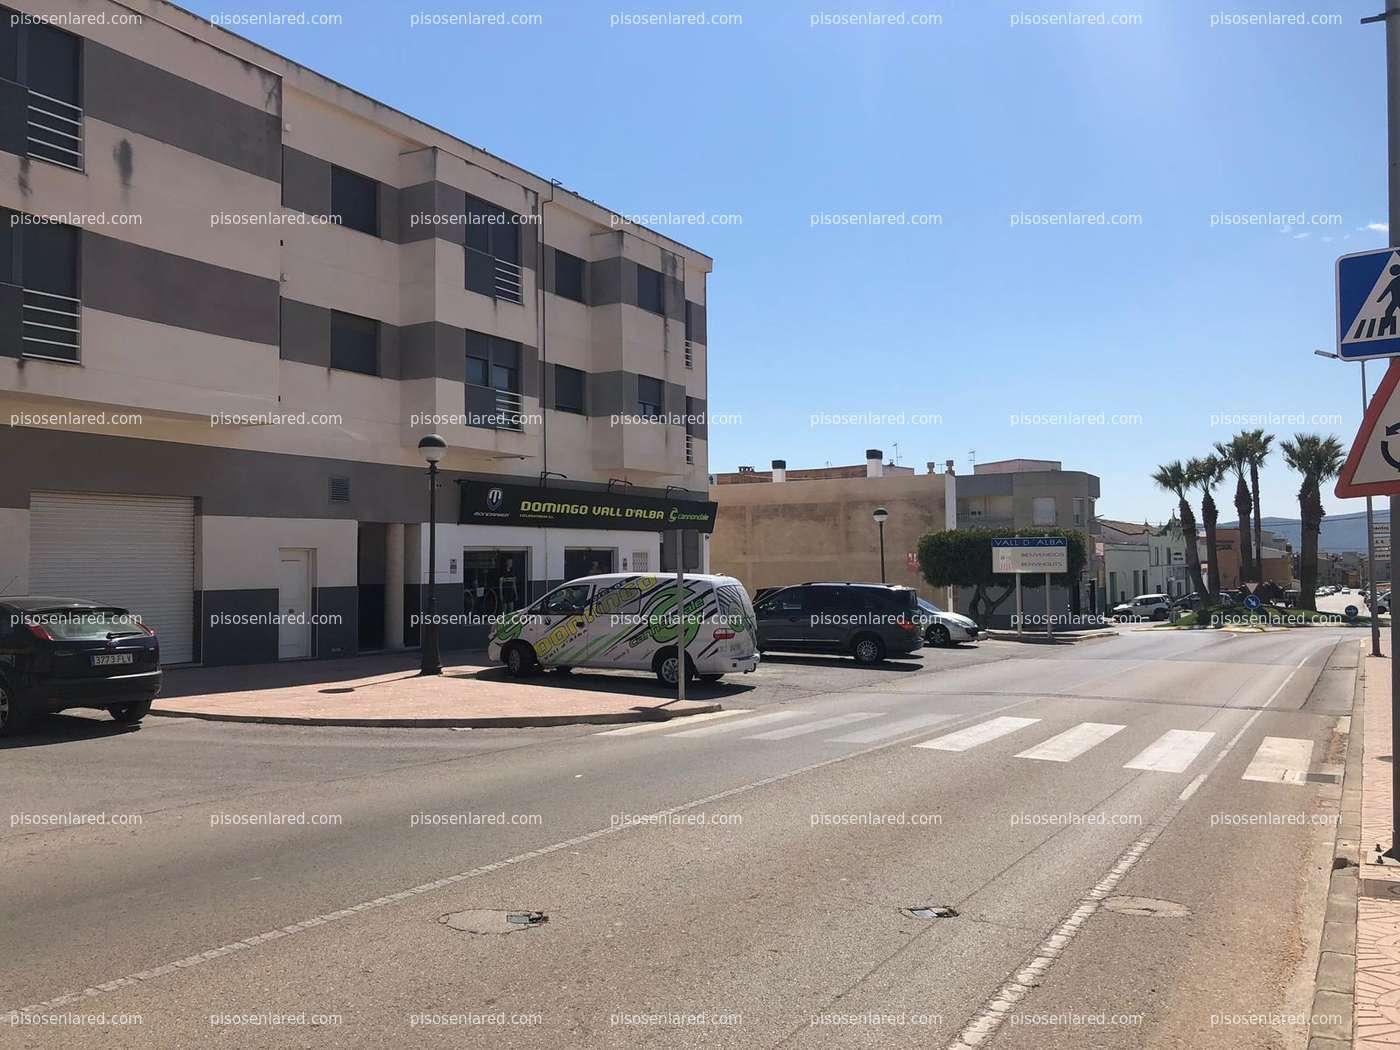 Piso  Avenida villafranca, 80. Venta de pisos en av villafranca 80 , vall d\'alba (castellón/ca